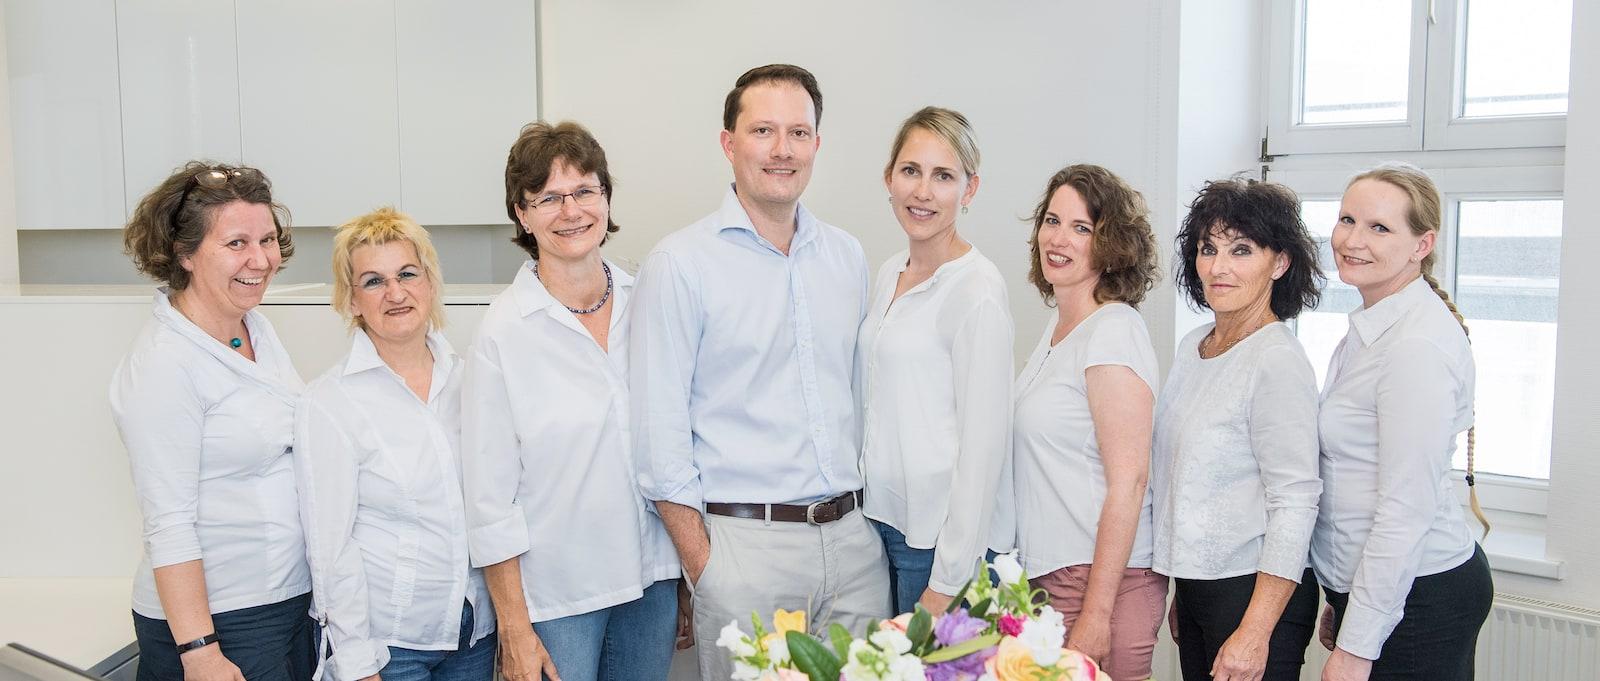 Plastisch-Ästhetische-Chirurgie Team Lübeck